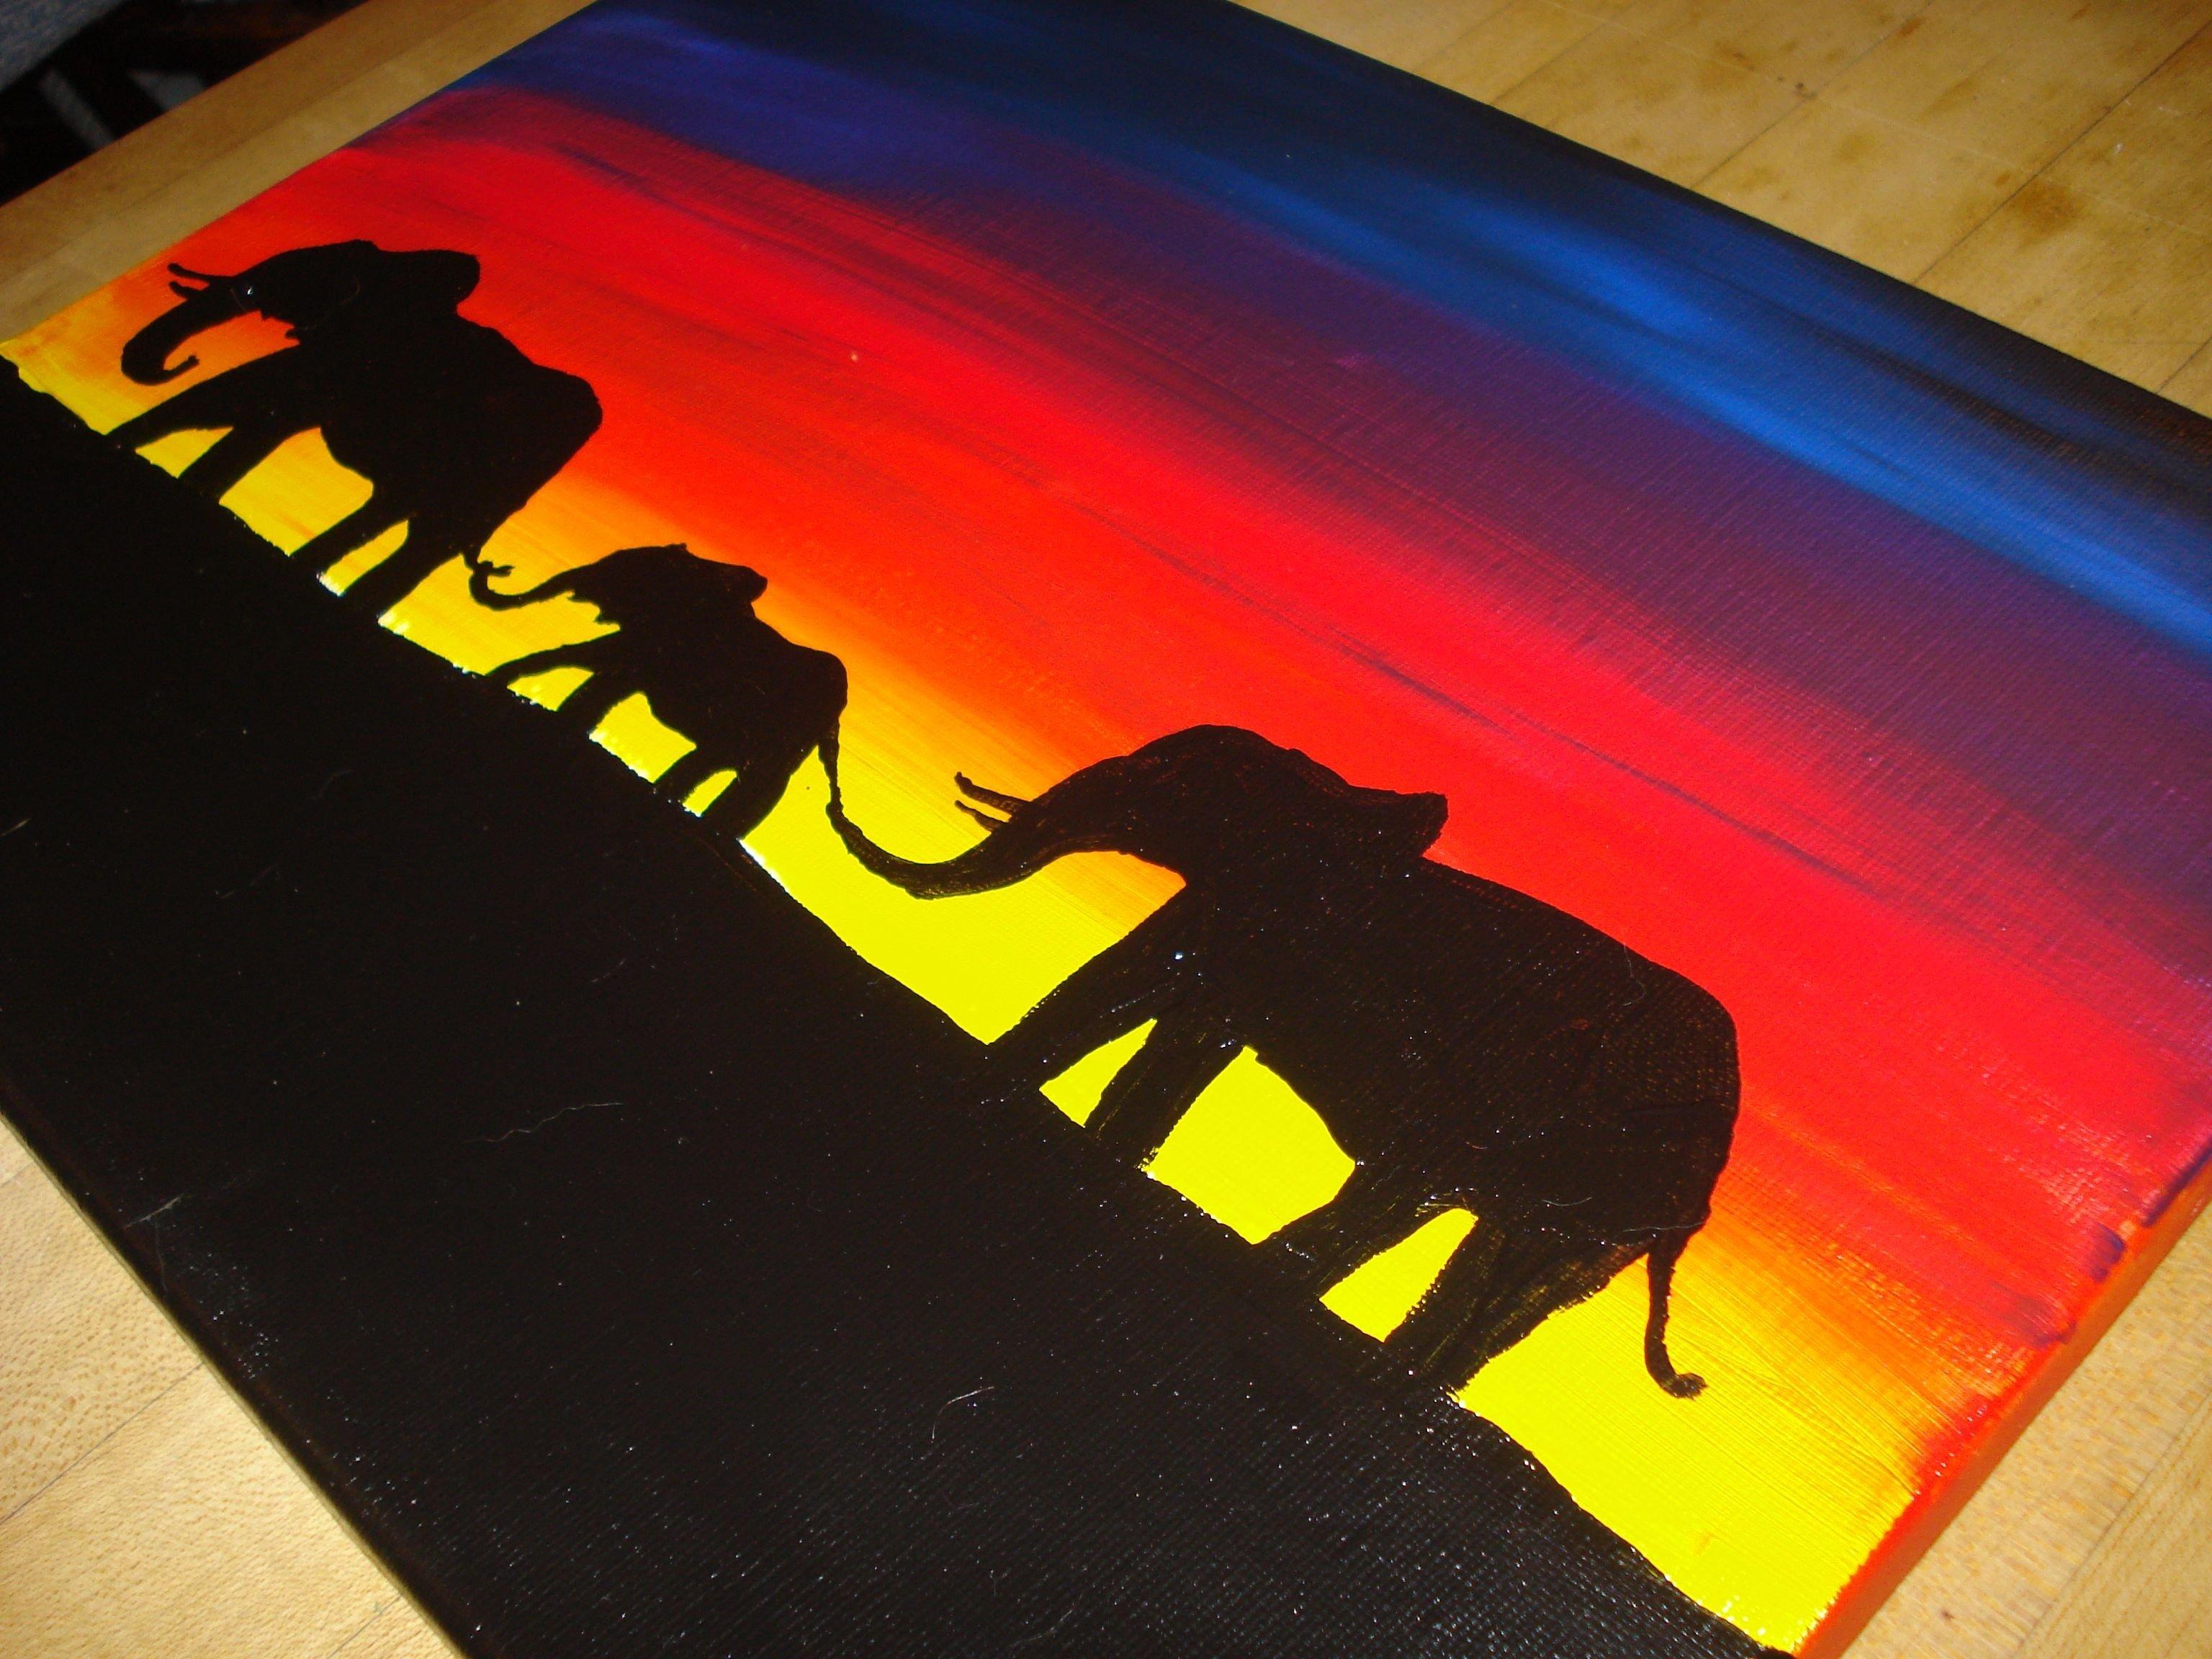 10 Lovable Acrylic Painting On Canvas Ideas good easy acrylic painting ideas for beginners with easy acrylic